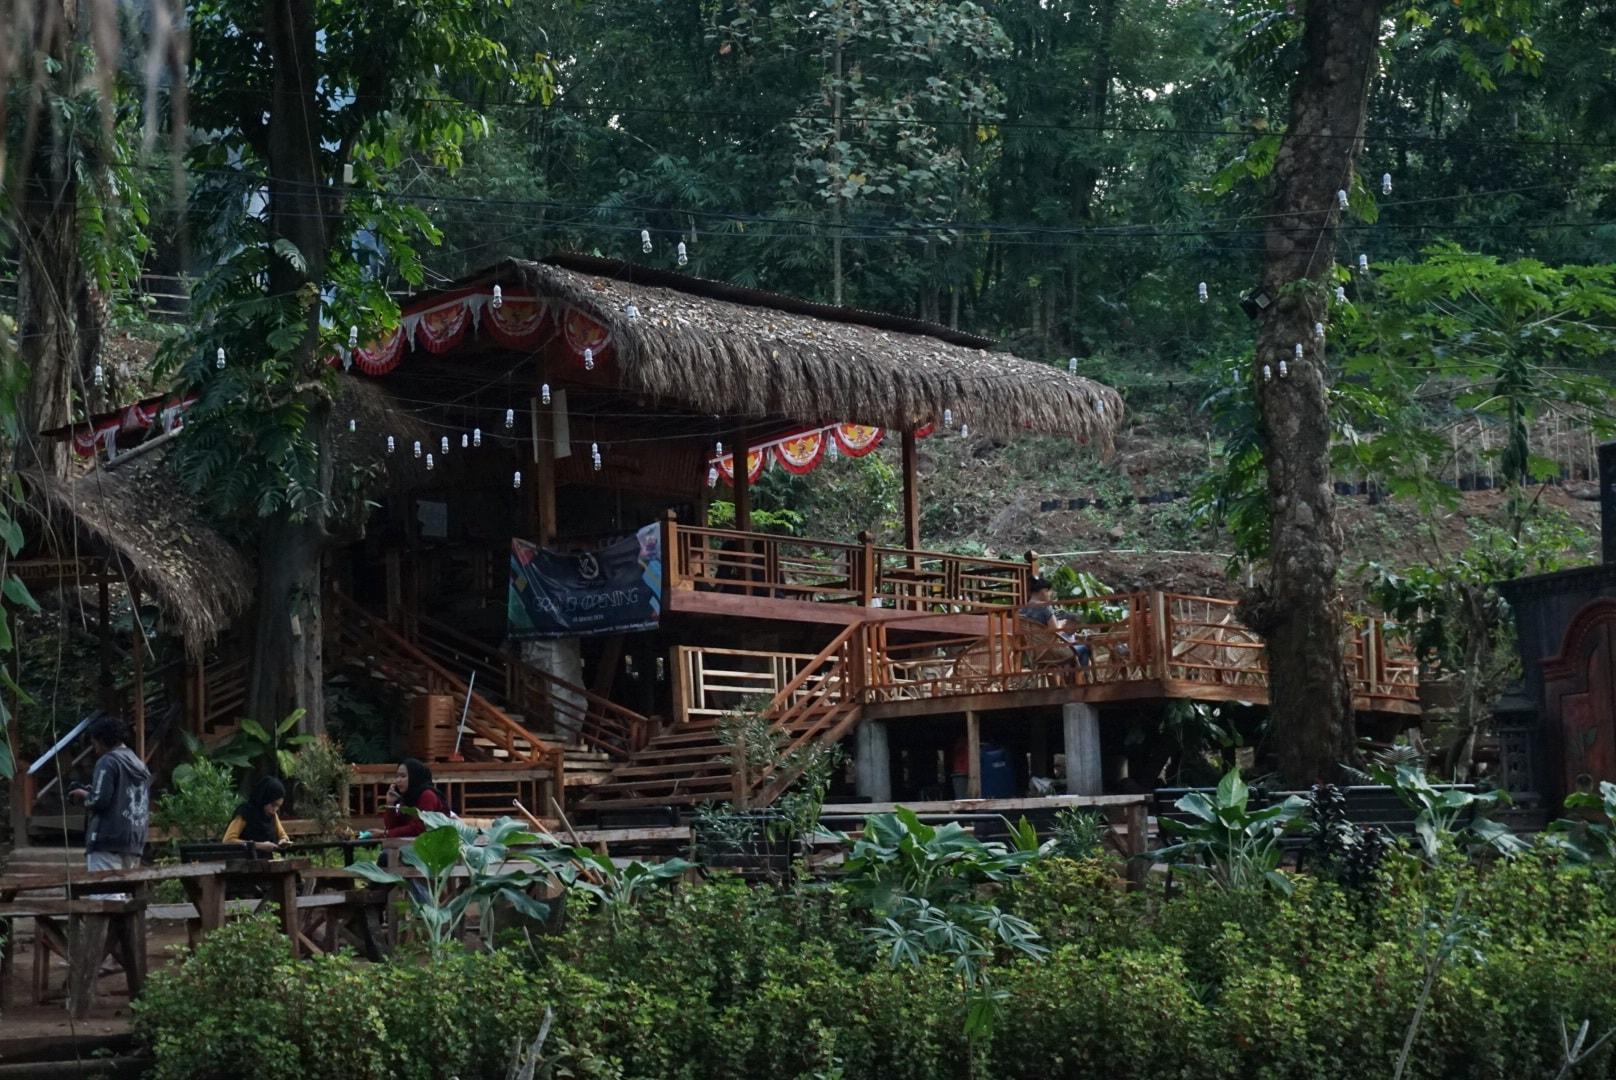 lokasi wisata sumber tumpeng purwosari